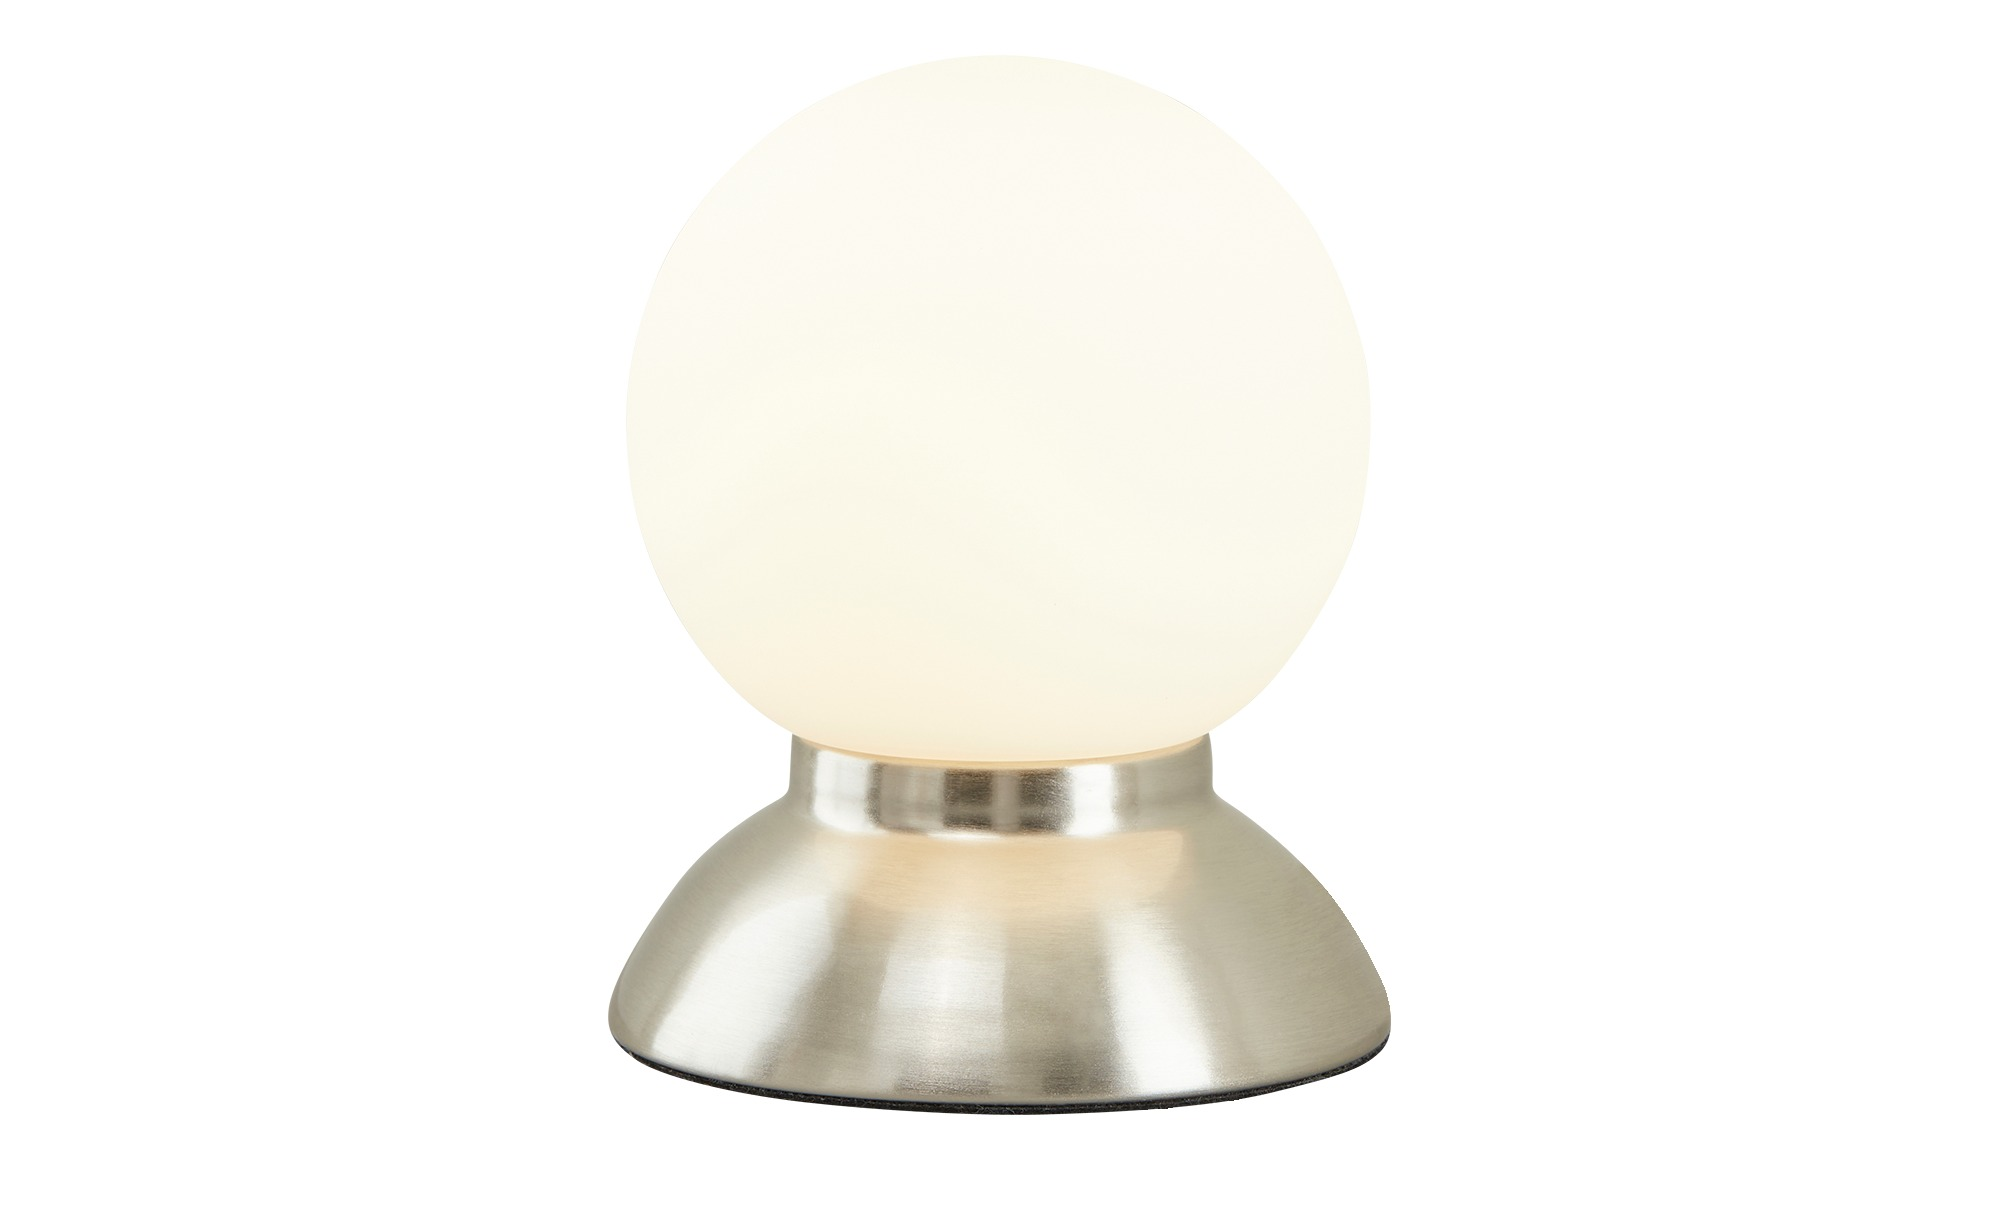 Tischlampe mit Touchdimmer von KHG